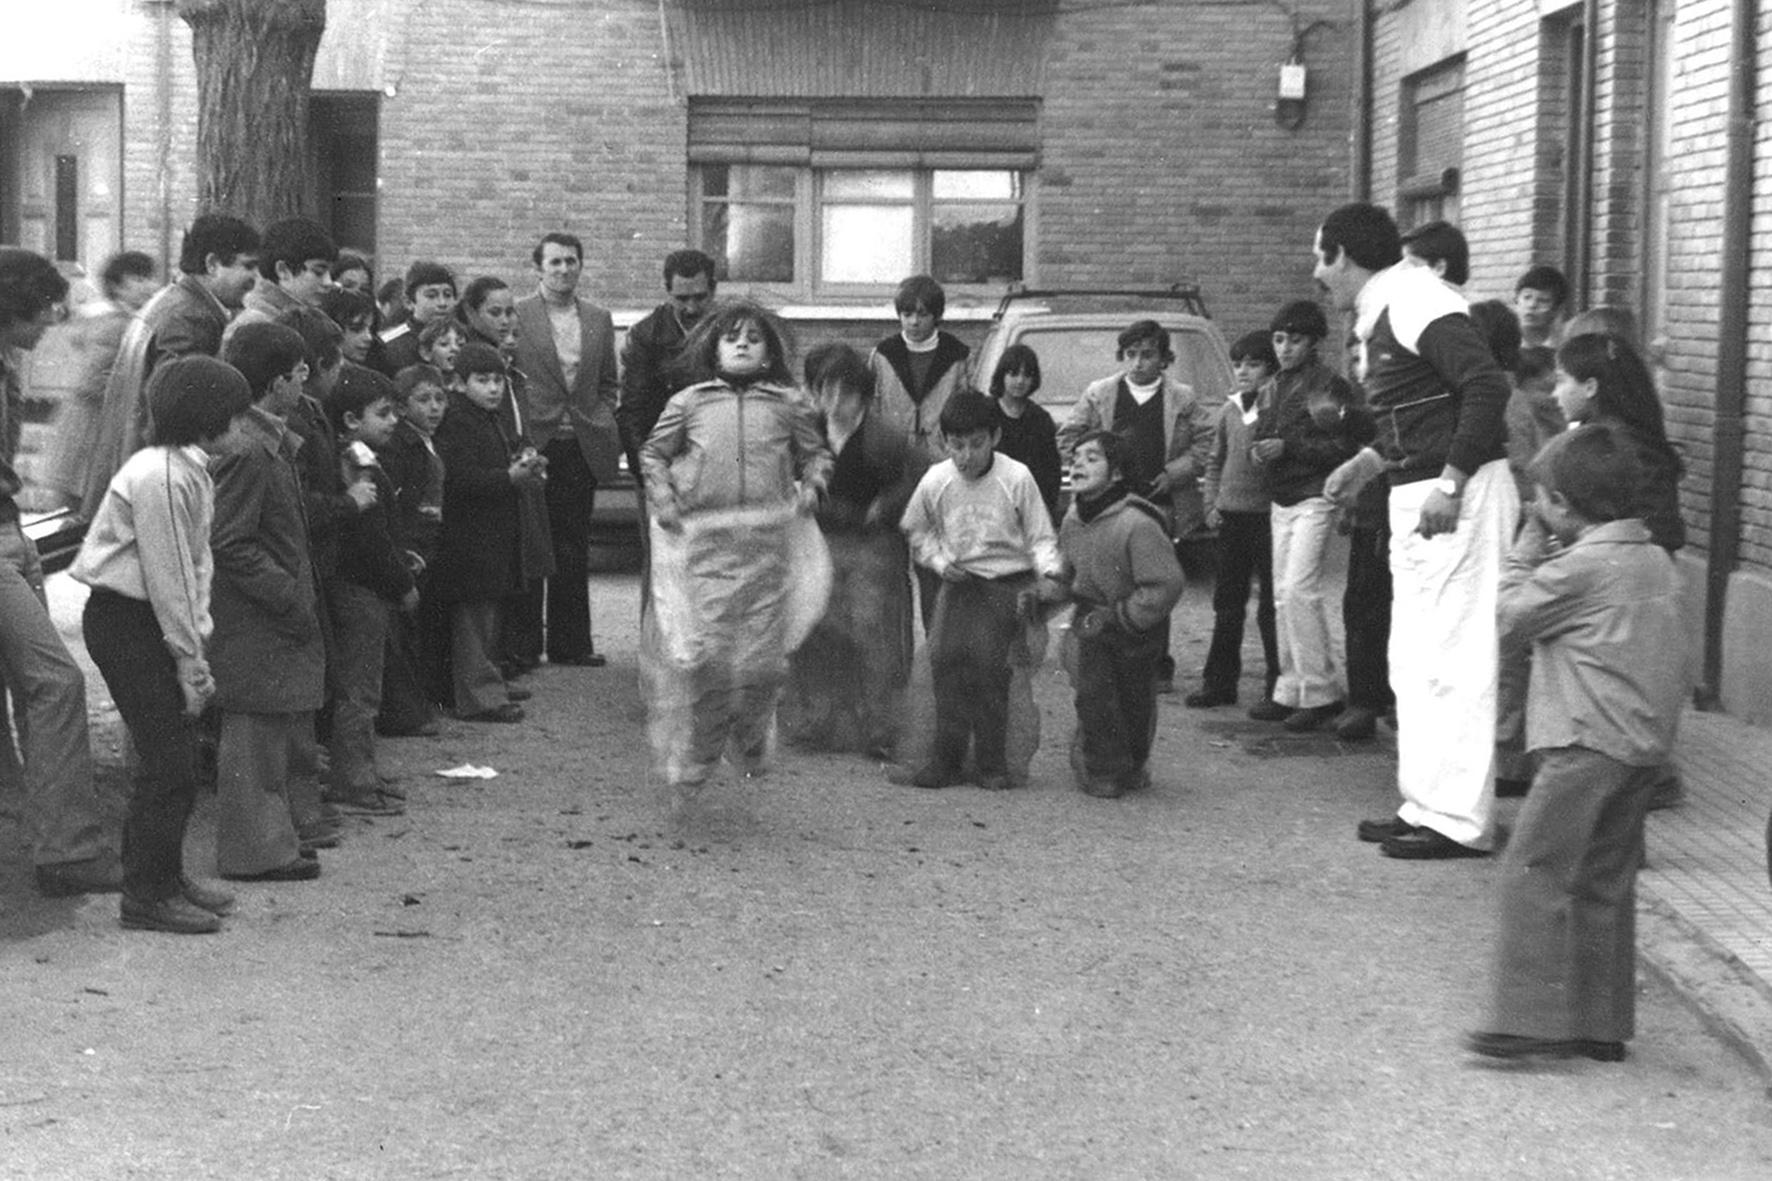 Carrera de sacos, años 70 - Niebla (2018) - Ana Frechilla, proyecto fotográfico